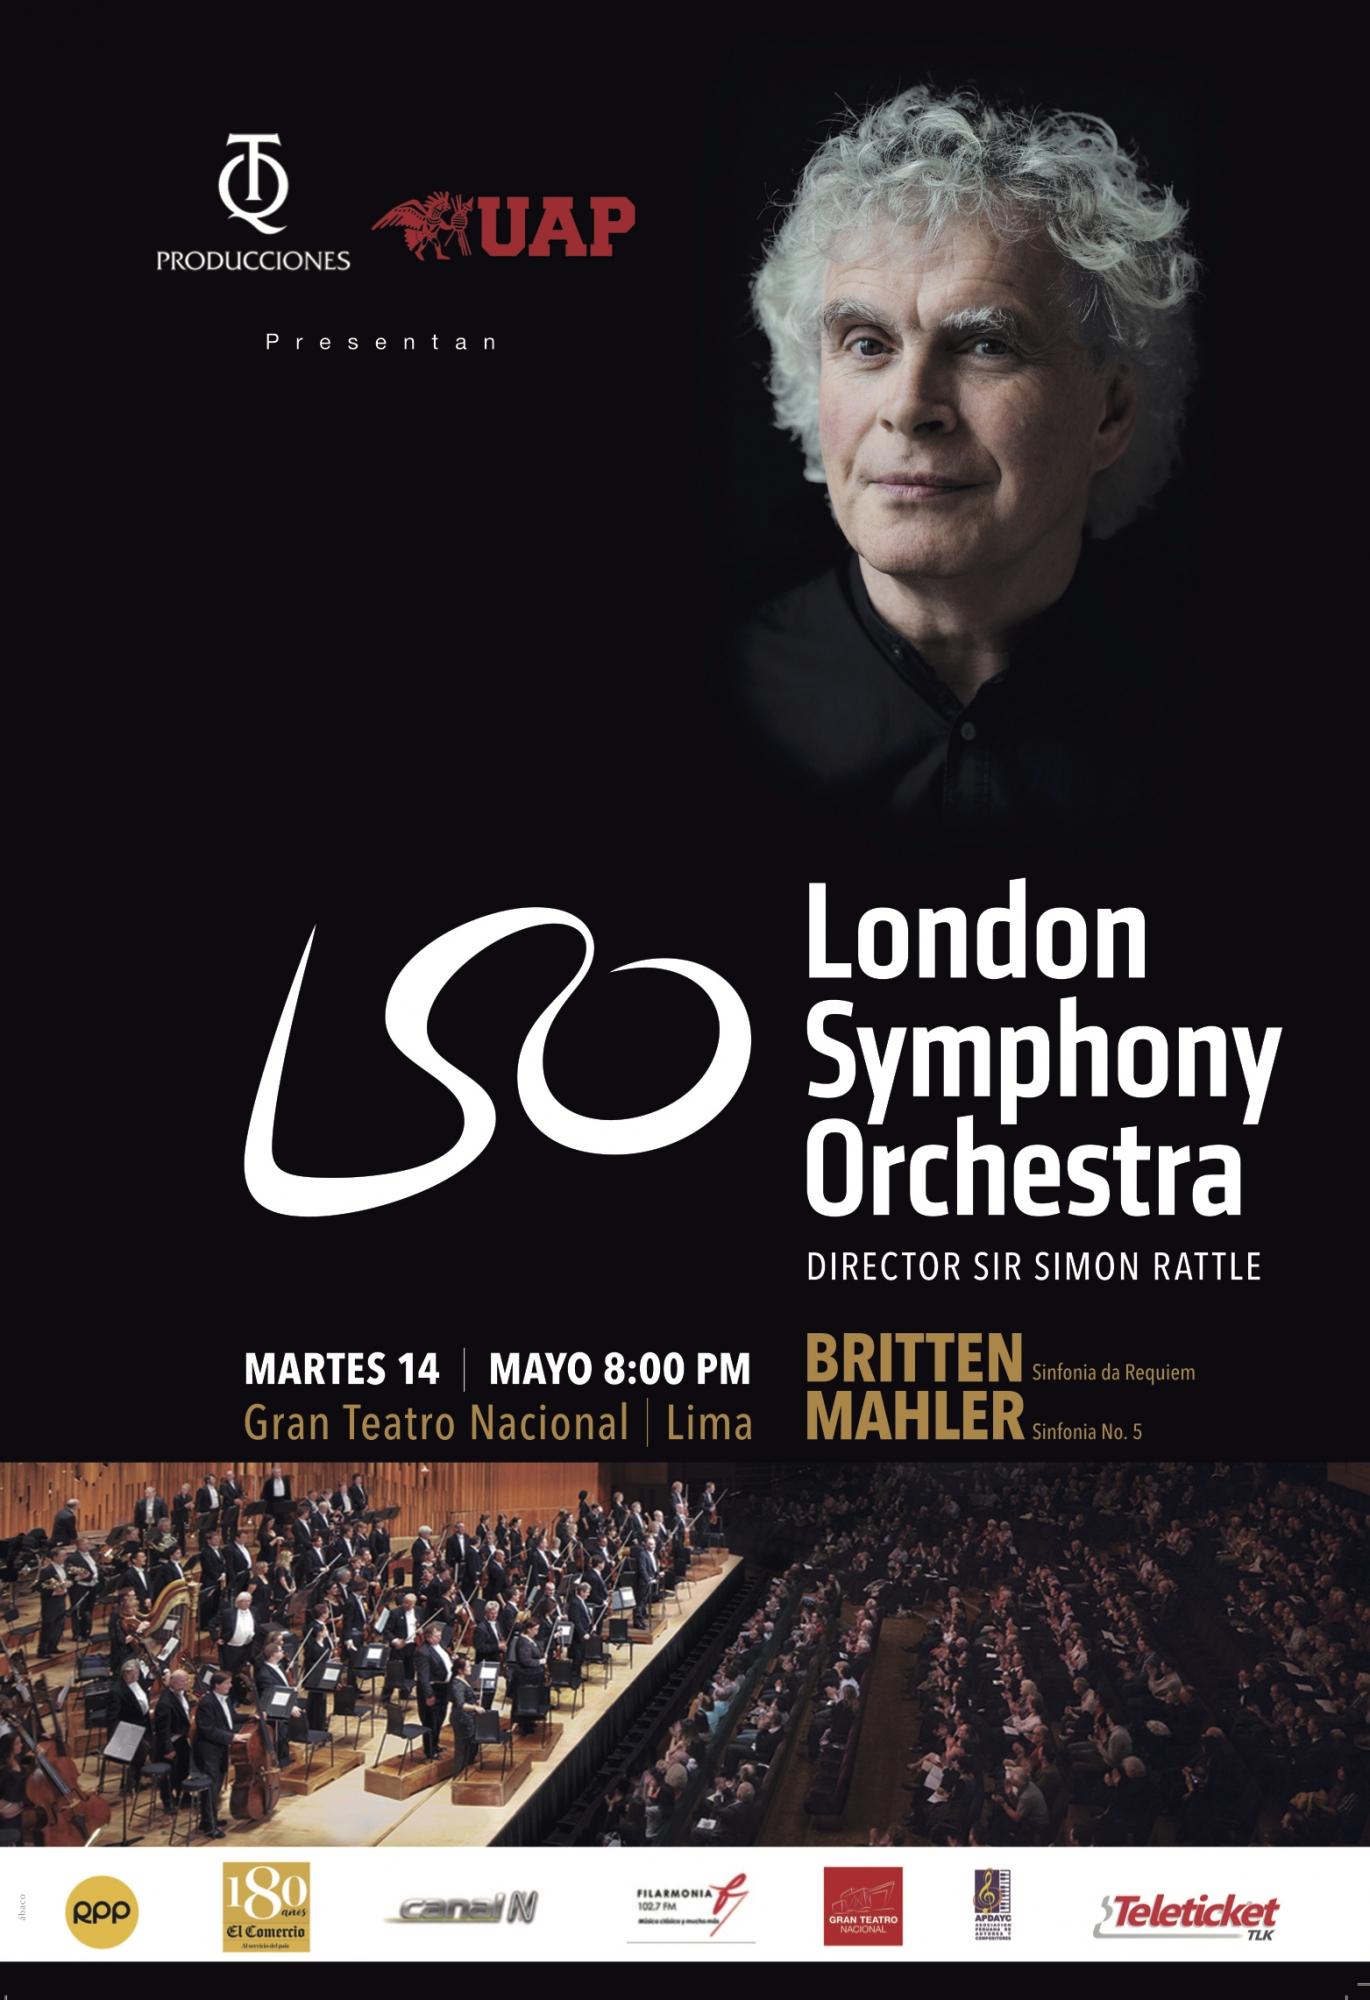 Orquesta Sinfónica de Londres  se presentará por primera vez en el Perú este 14 de mayo en el Gran Teatro Nacional. (Foto: Difusión)